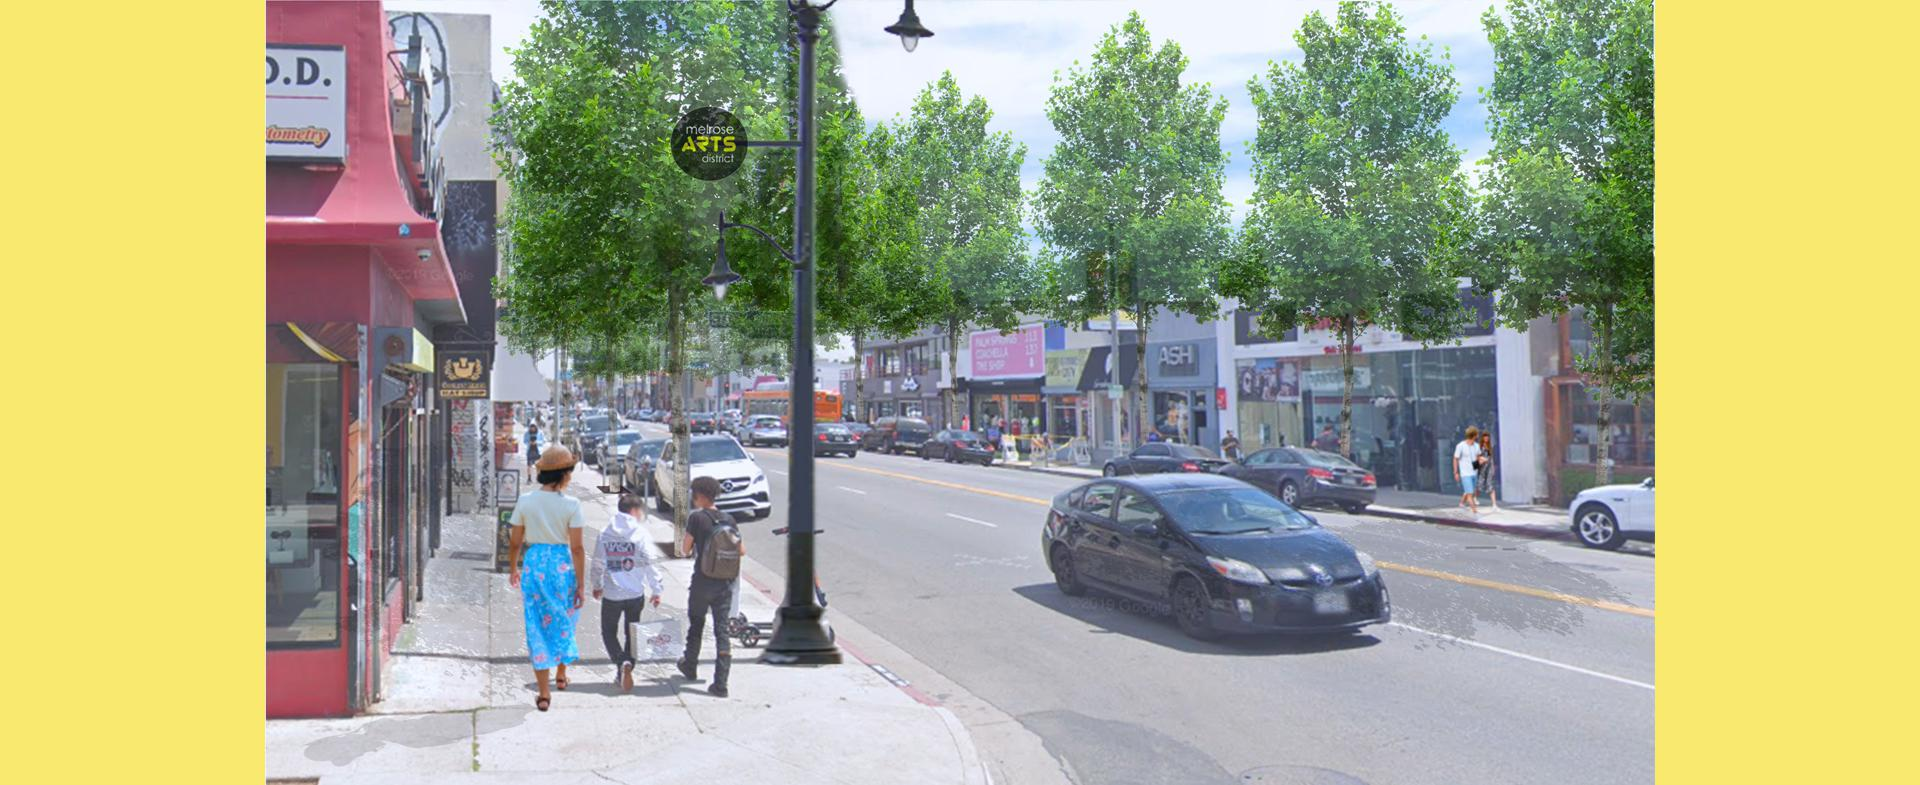 Melrose Ave After